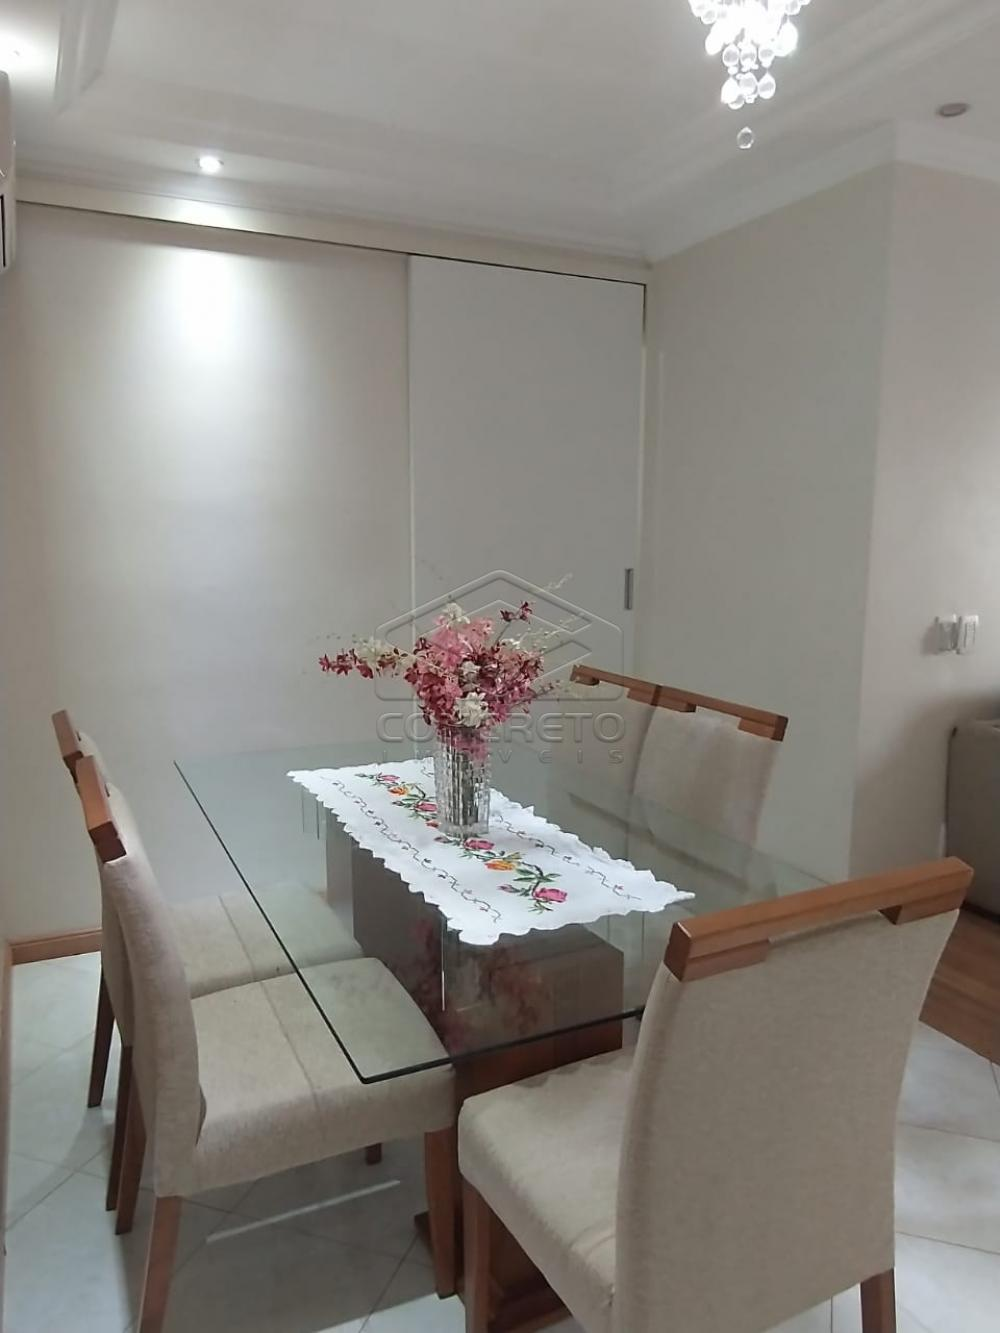 Comprar Apartamento / Padrão em Bauru R$ 230.000,00 - Foto 12